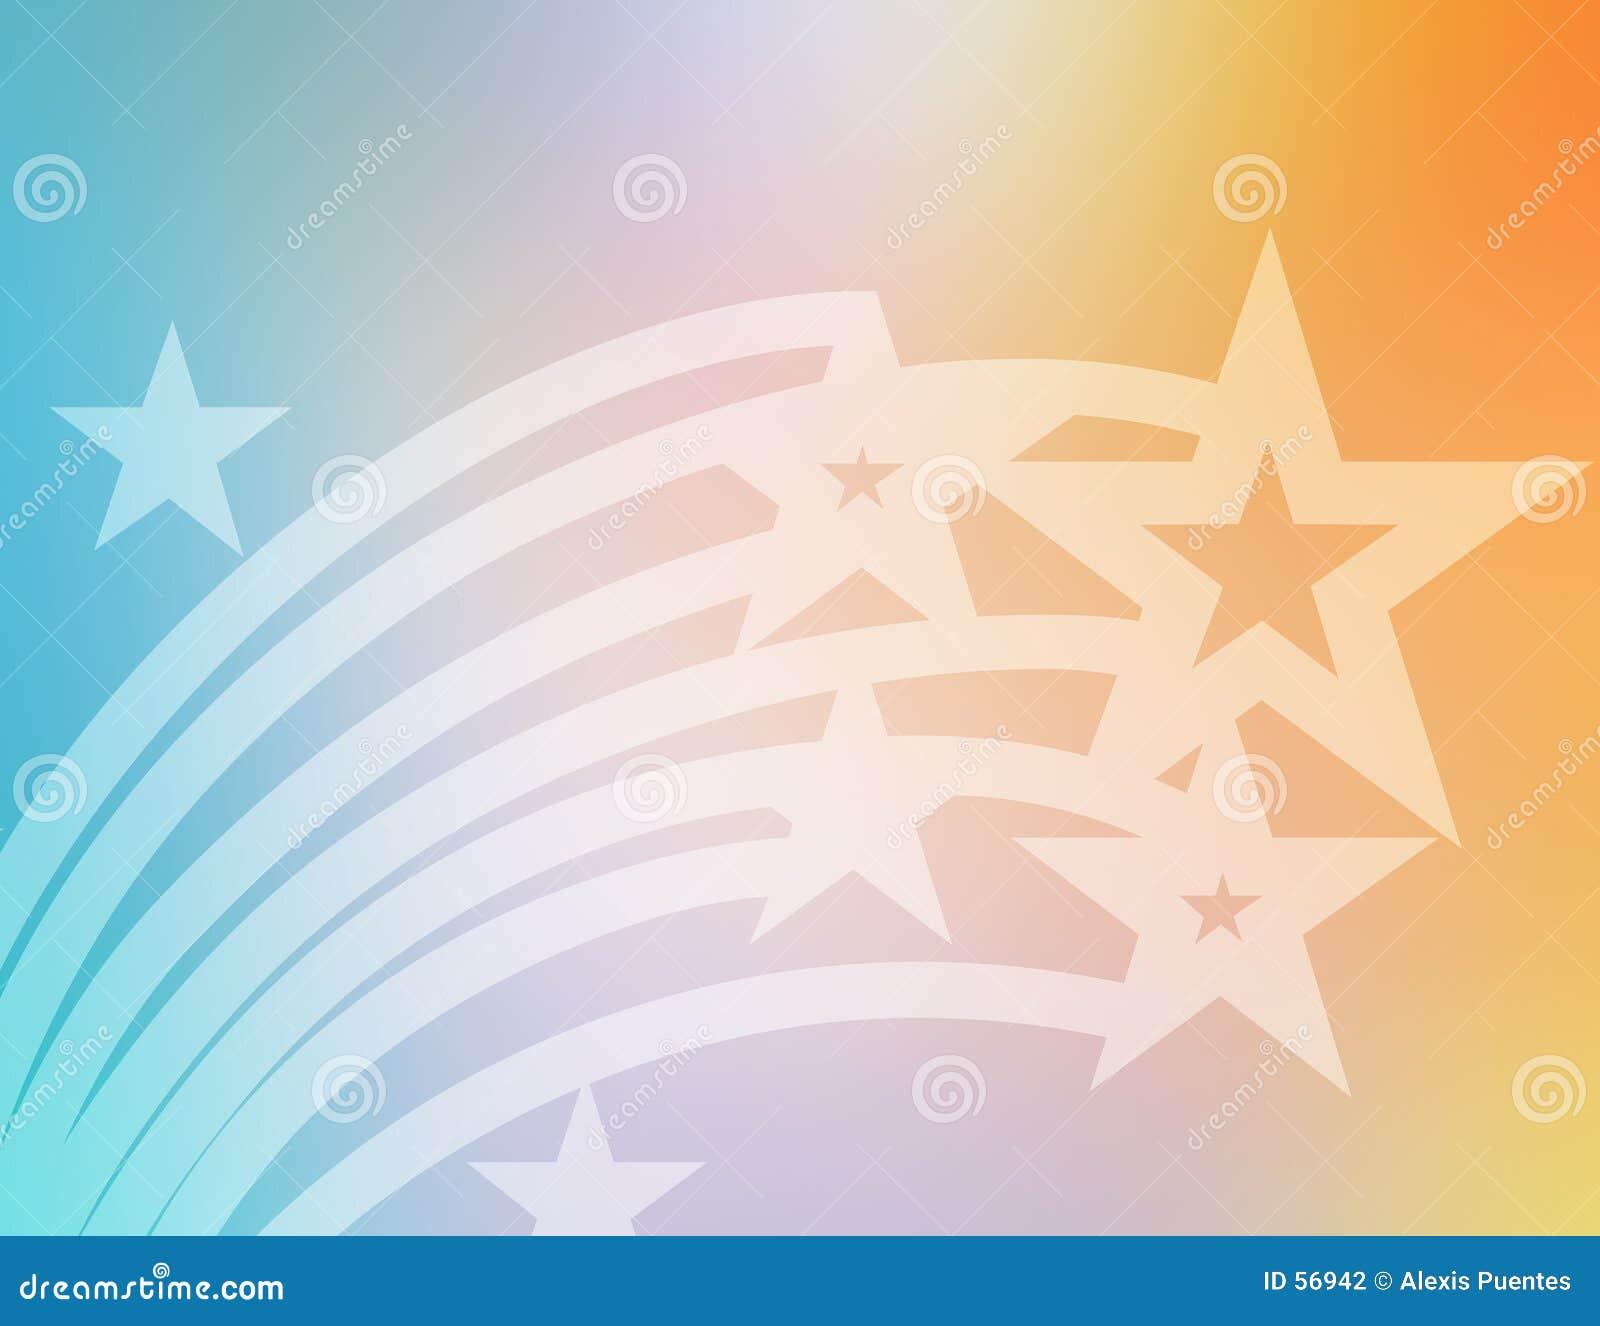 Estrellas del vuelo